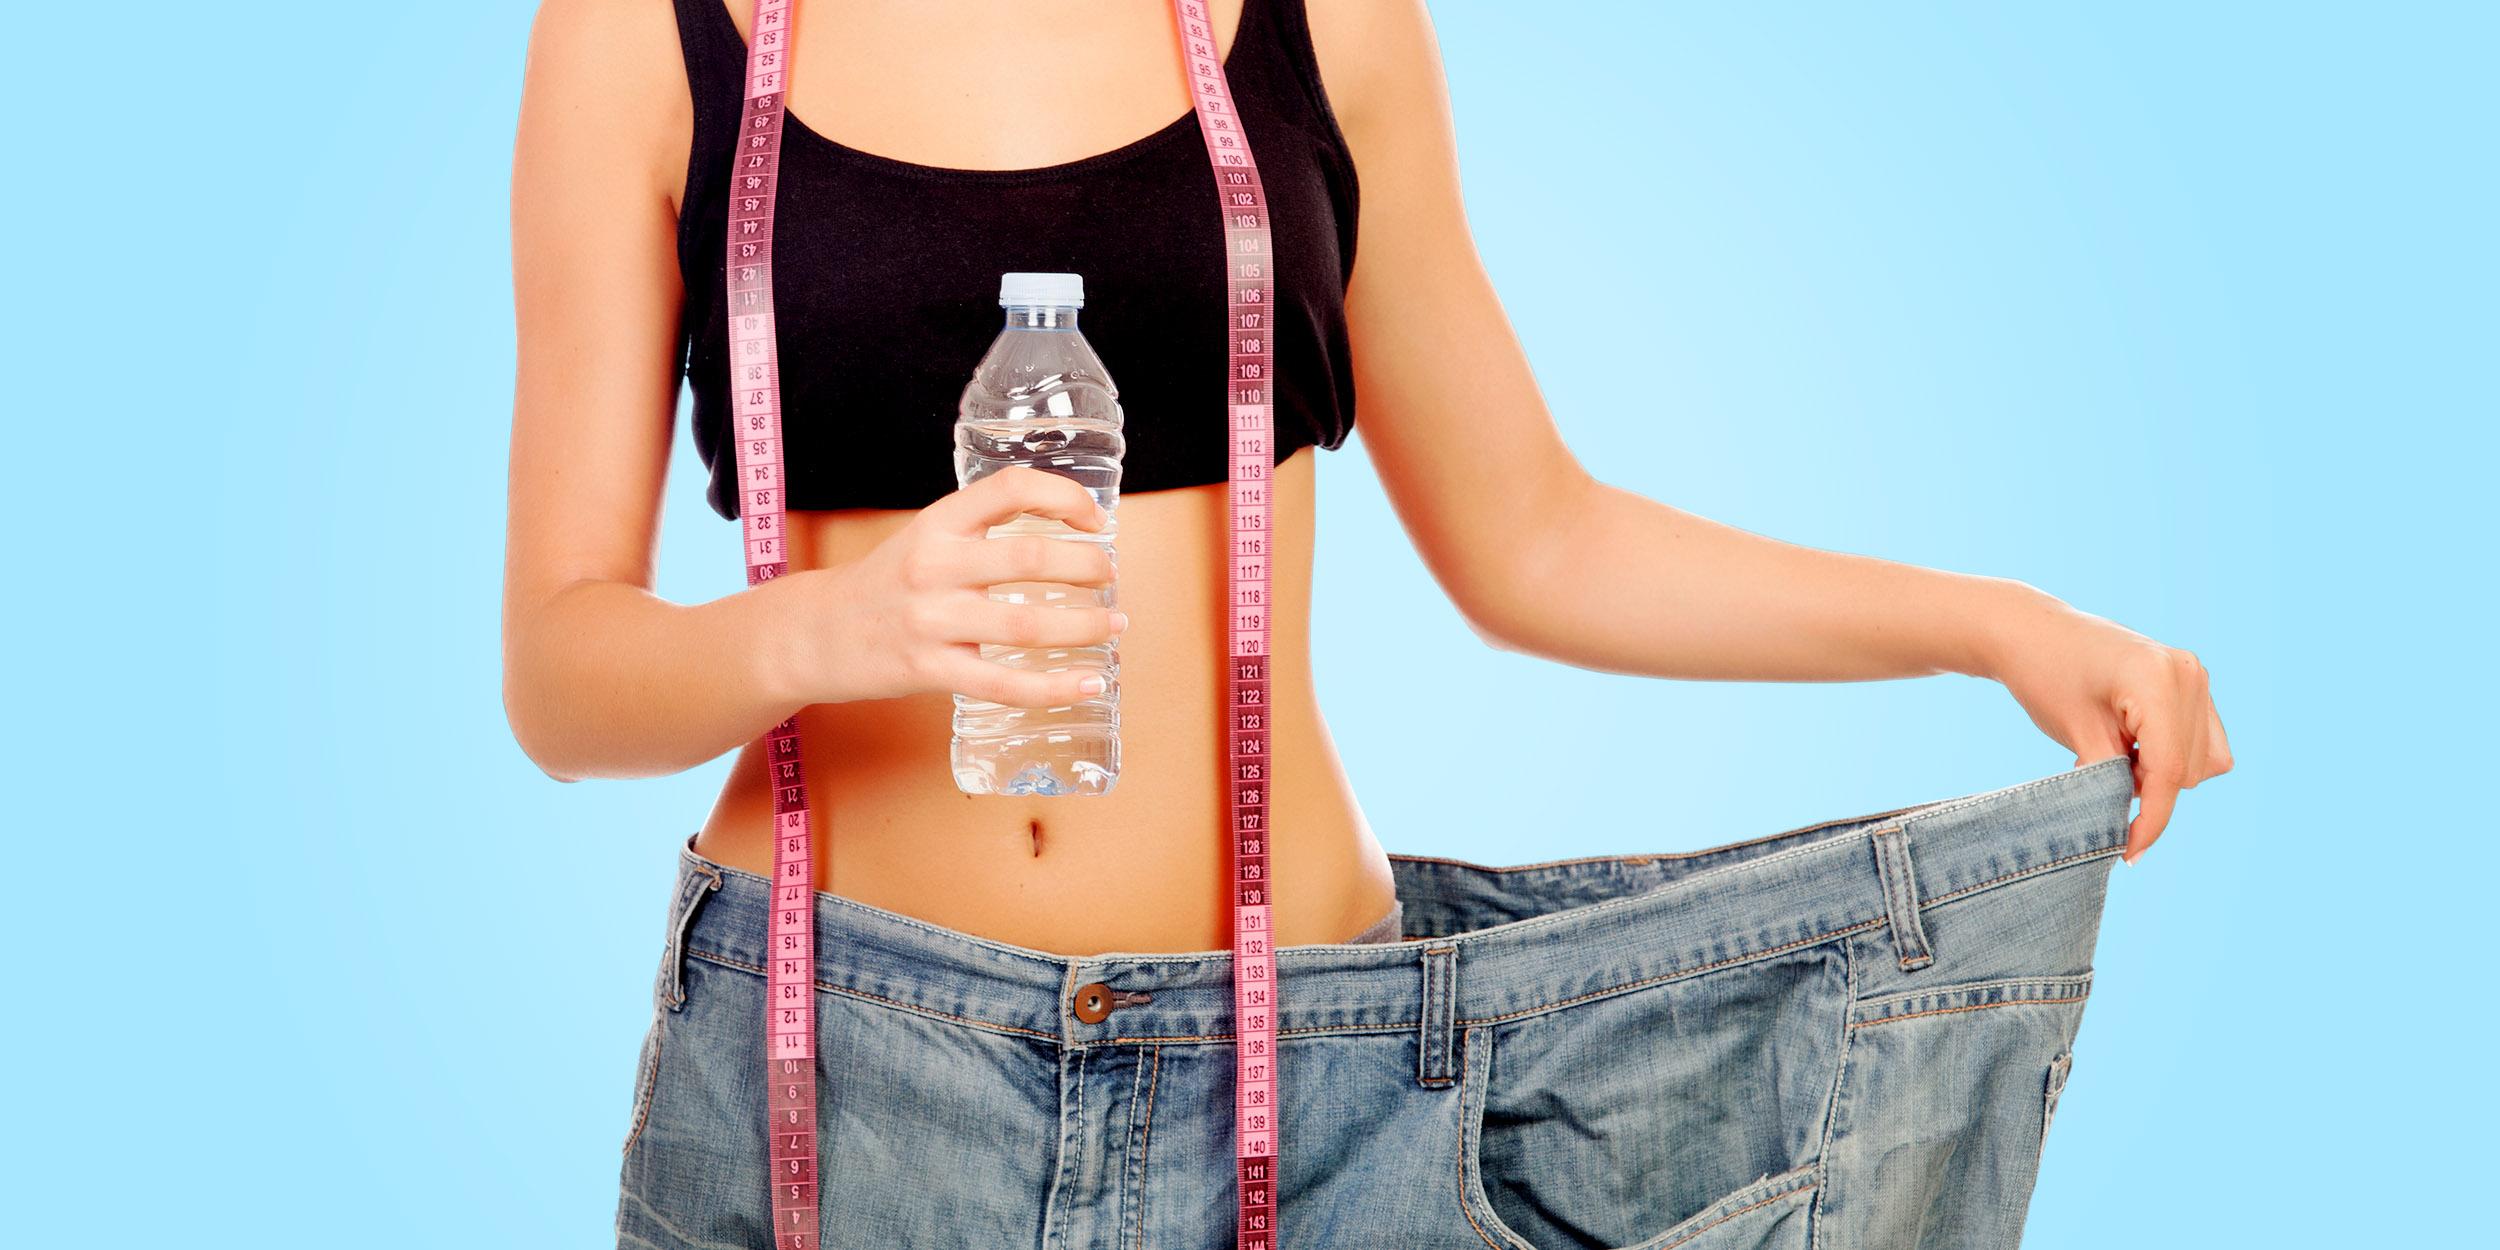 Правда что вода помогает похудеть